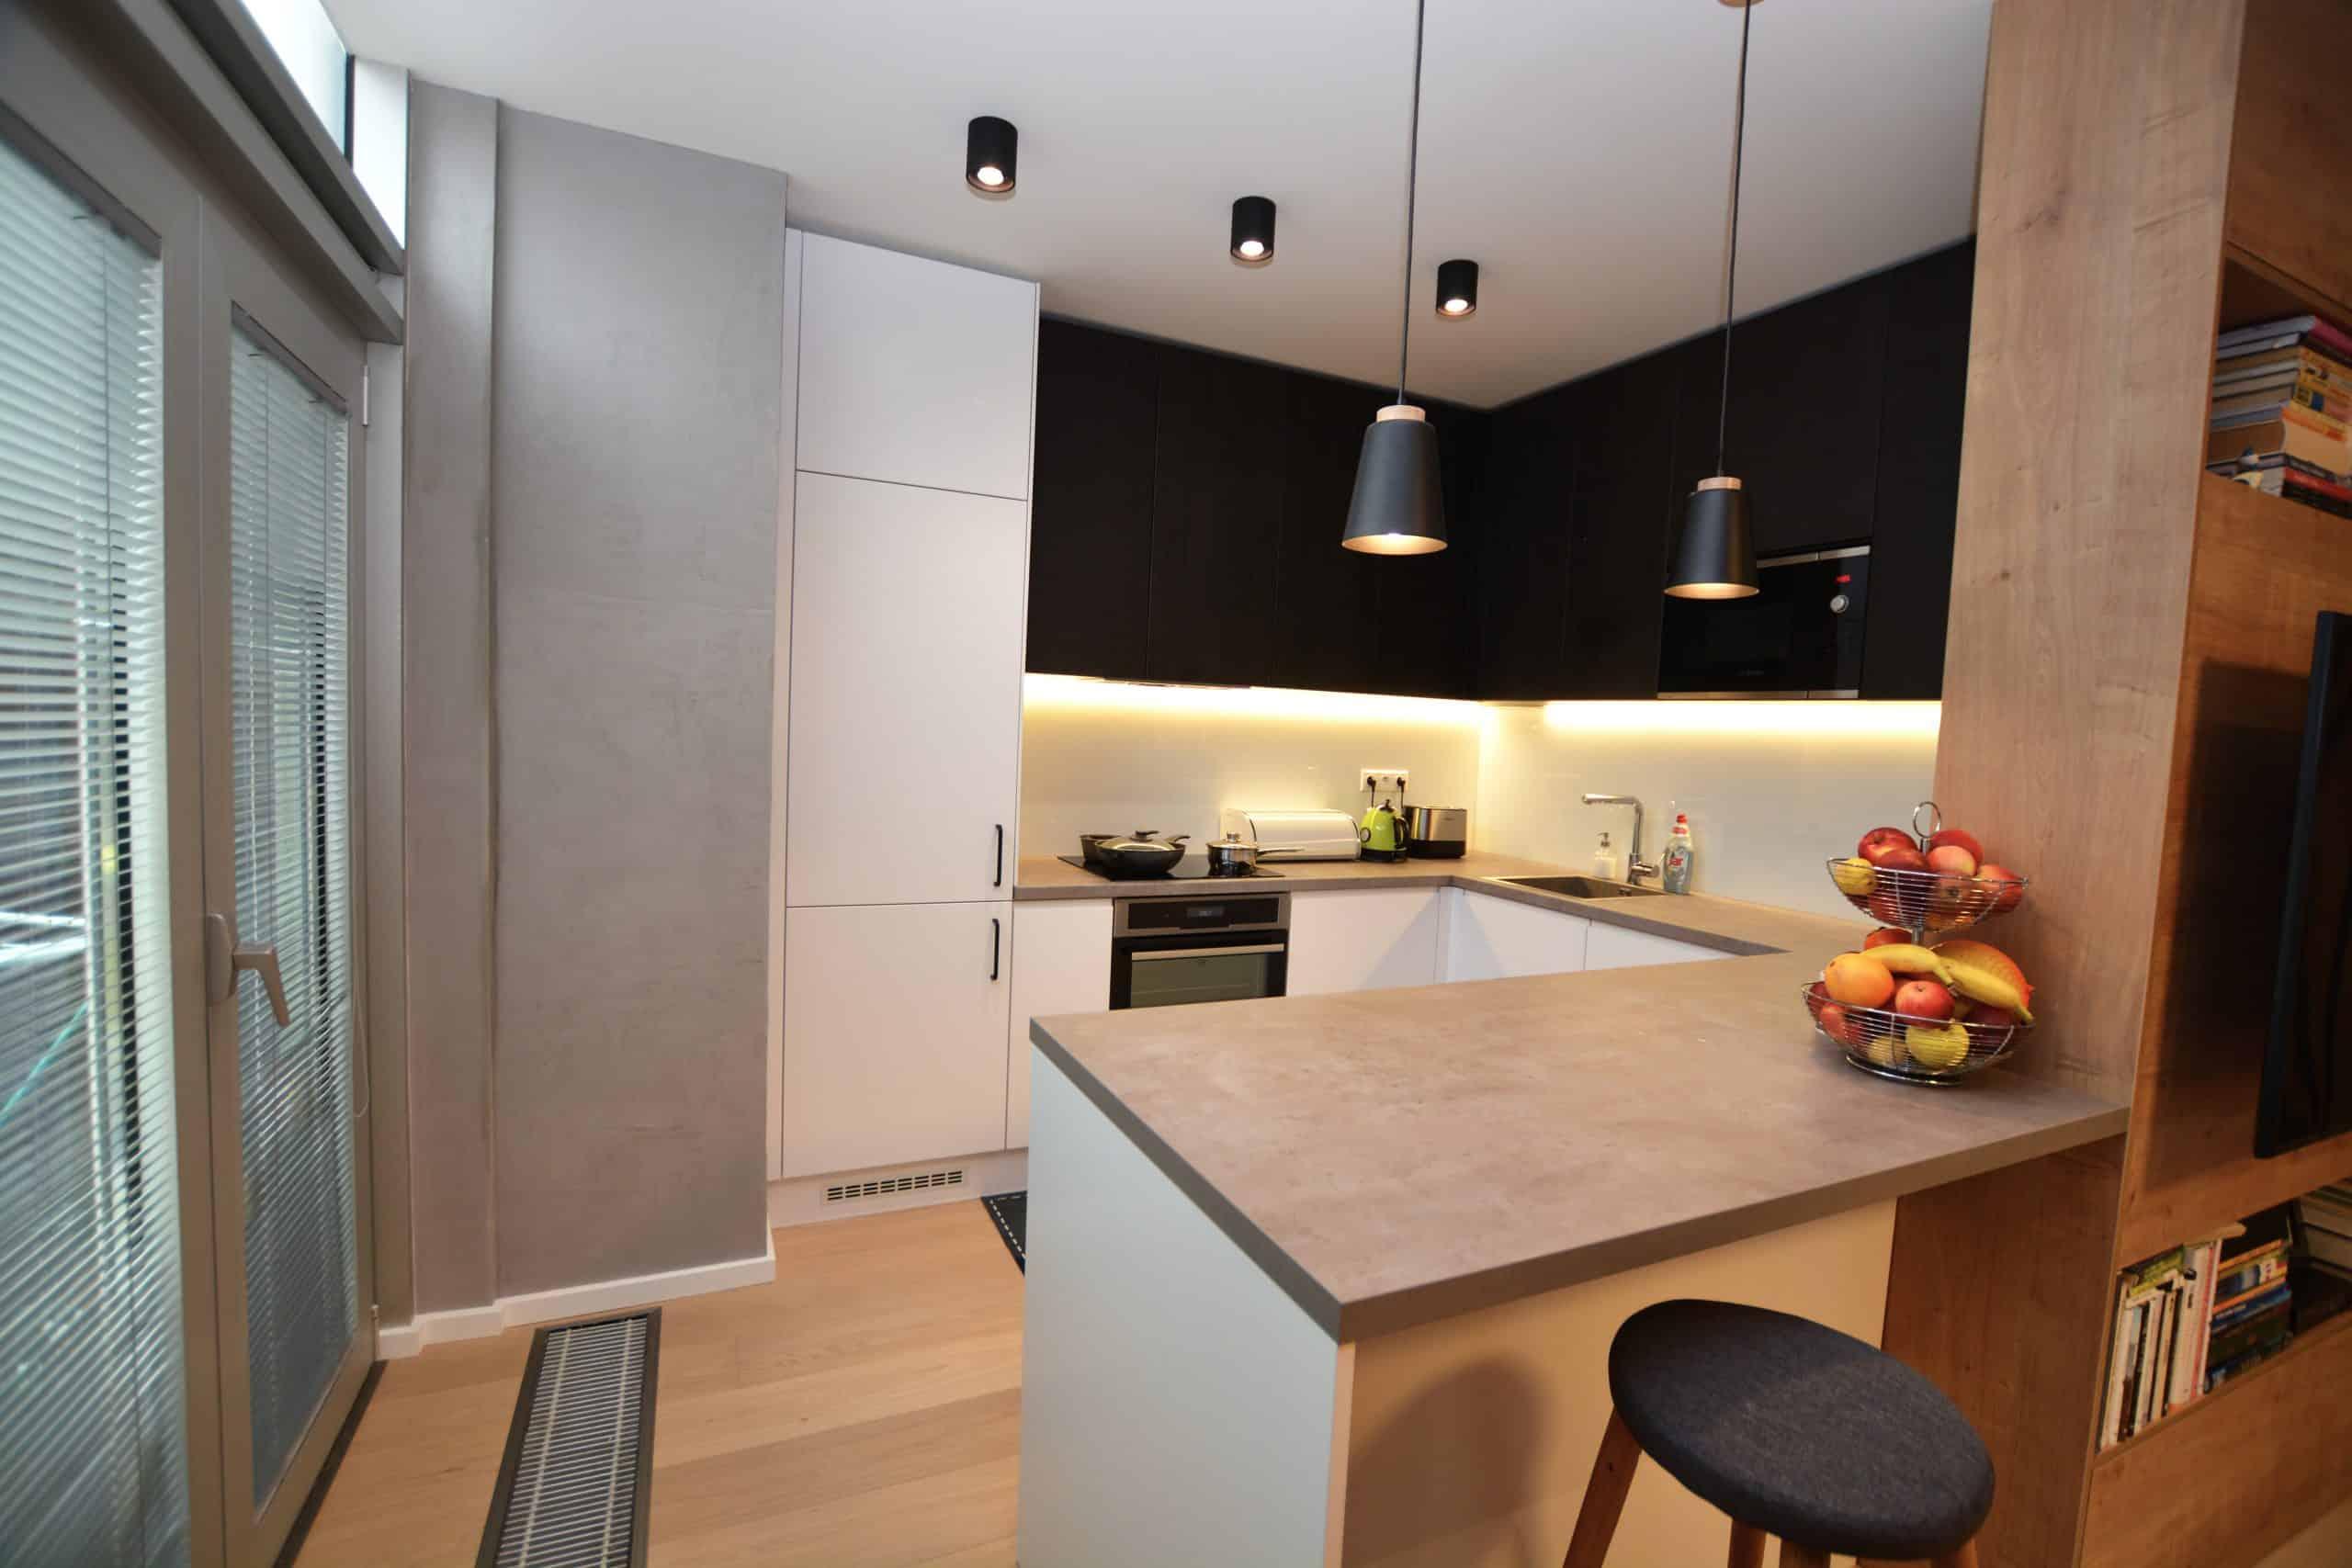 moderna kuchyna namieru 7 scaled